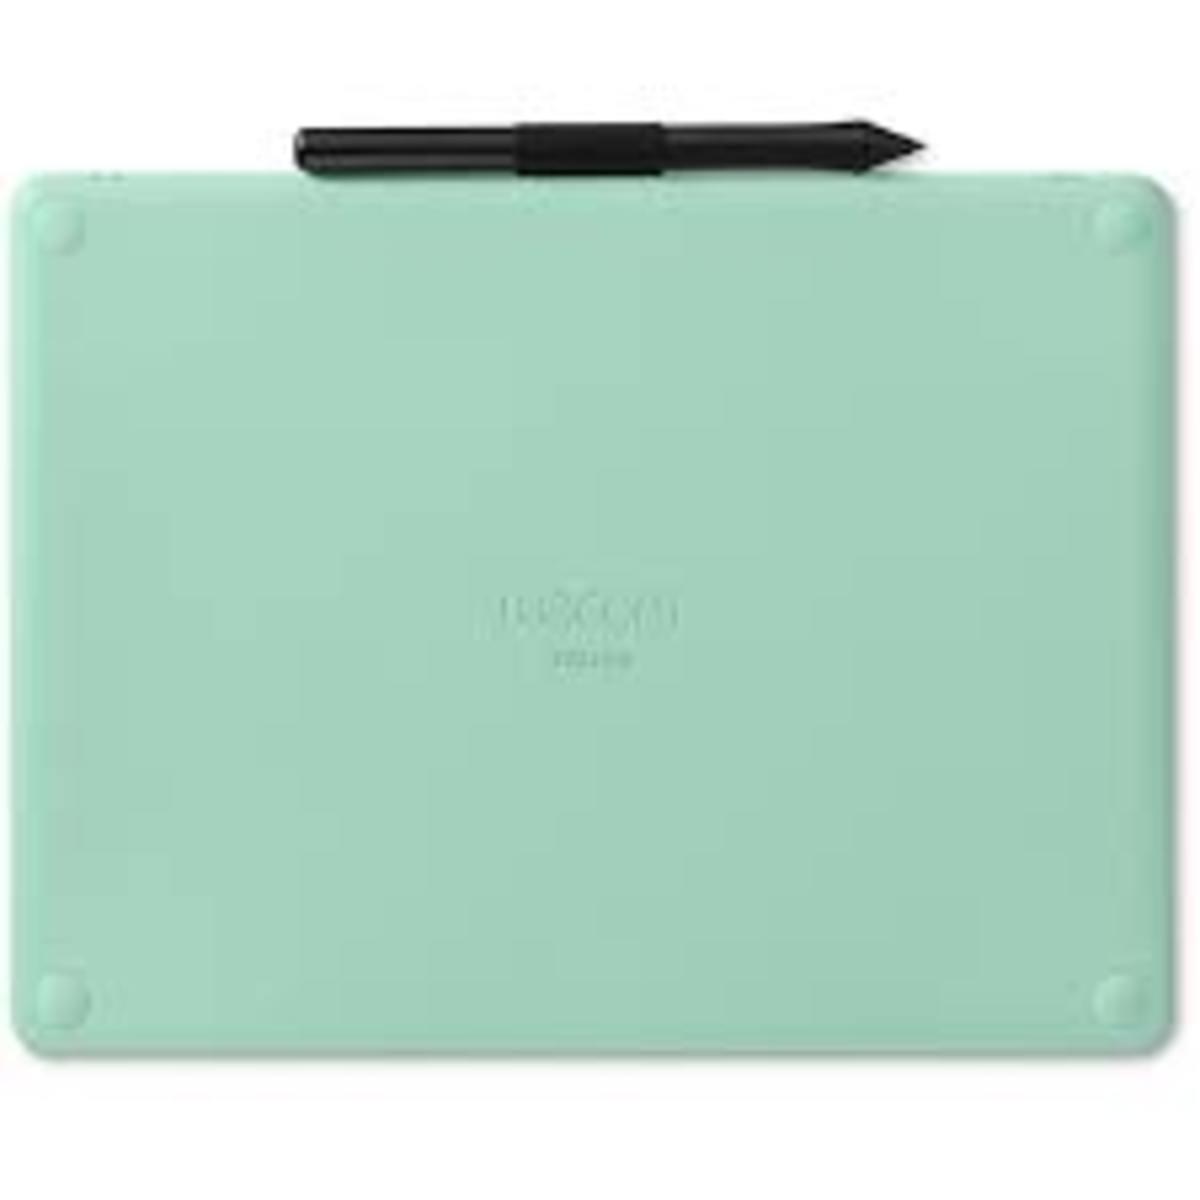 繪圖板(藍芽版) - 綠 (CTL-6100WL/E0)